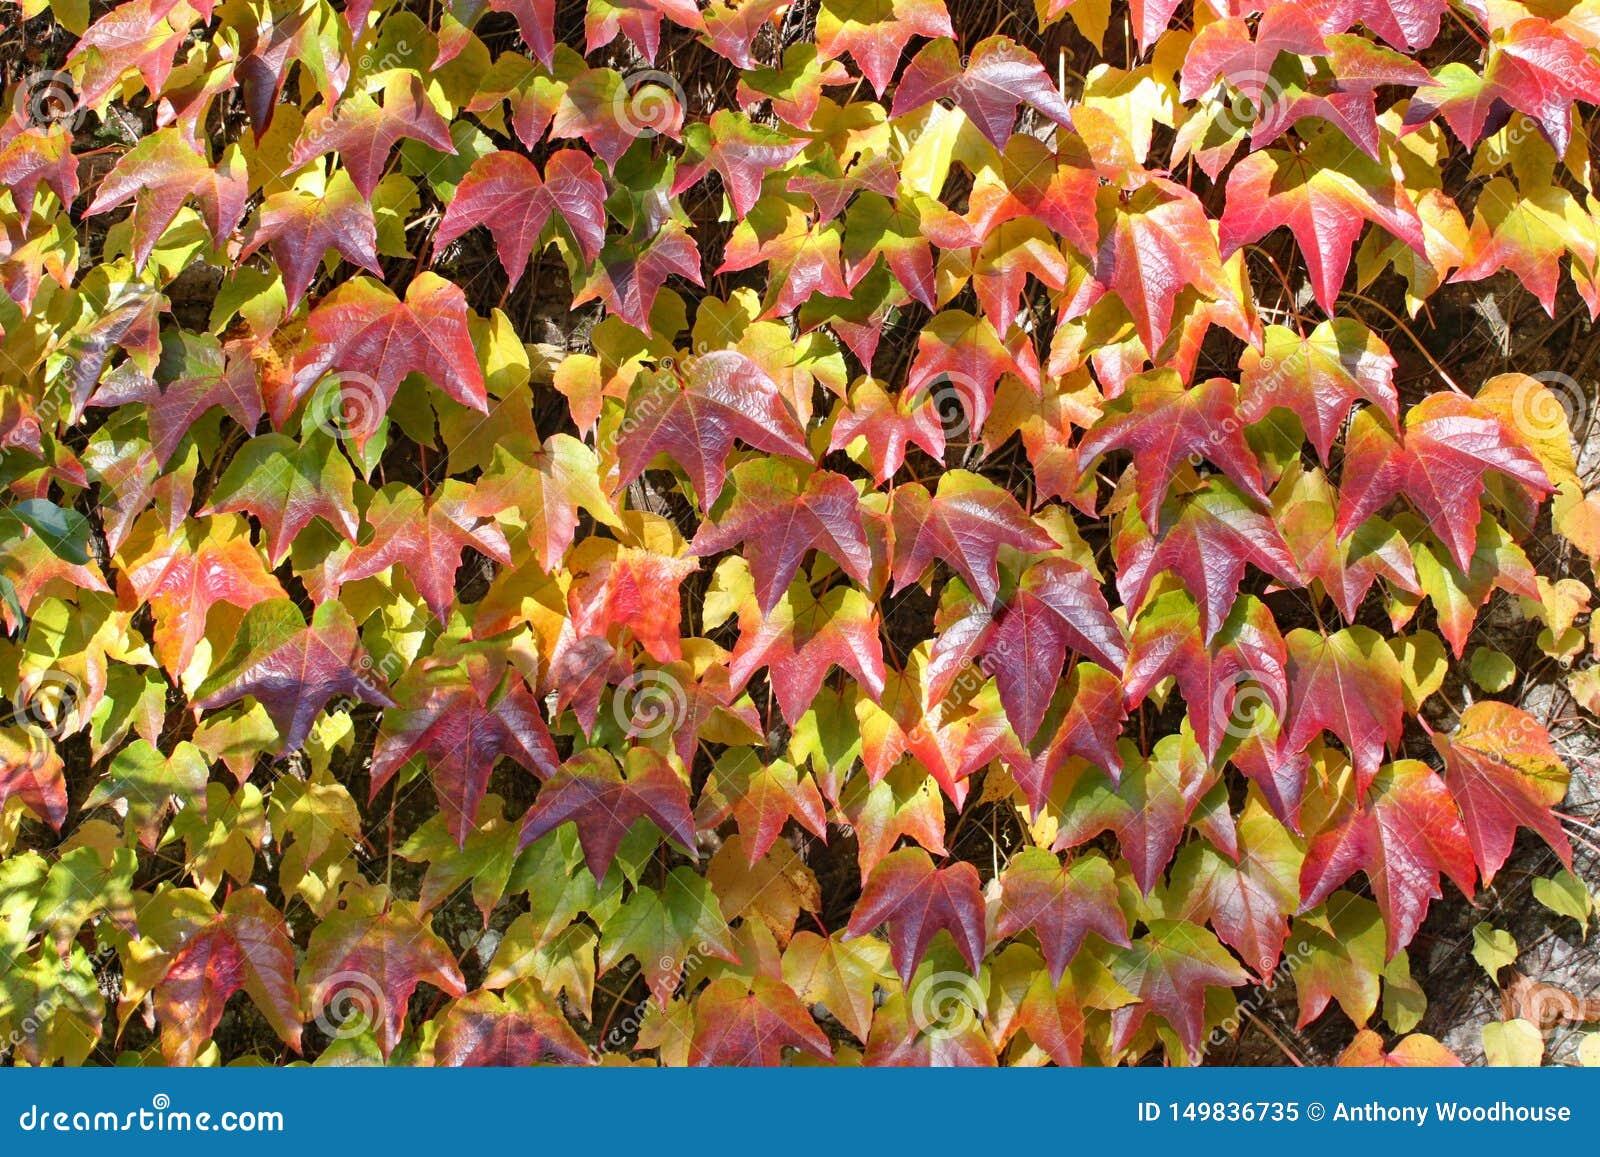 Ele cores outonais da hera que groing acima de uma parede no arboreto de Arley na região central da Inglaterra em Inglaterra